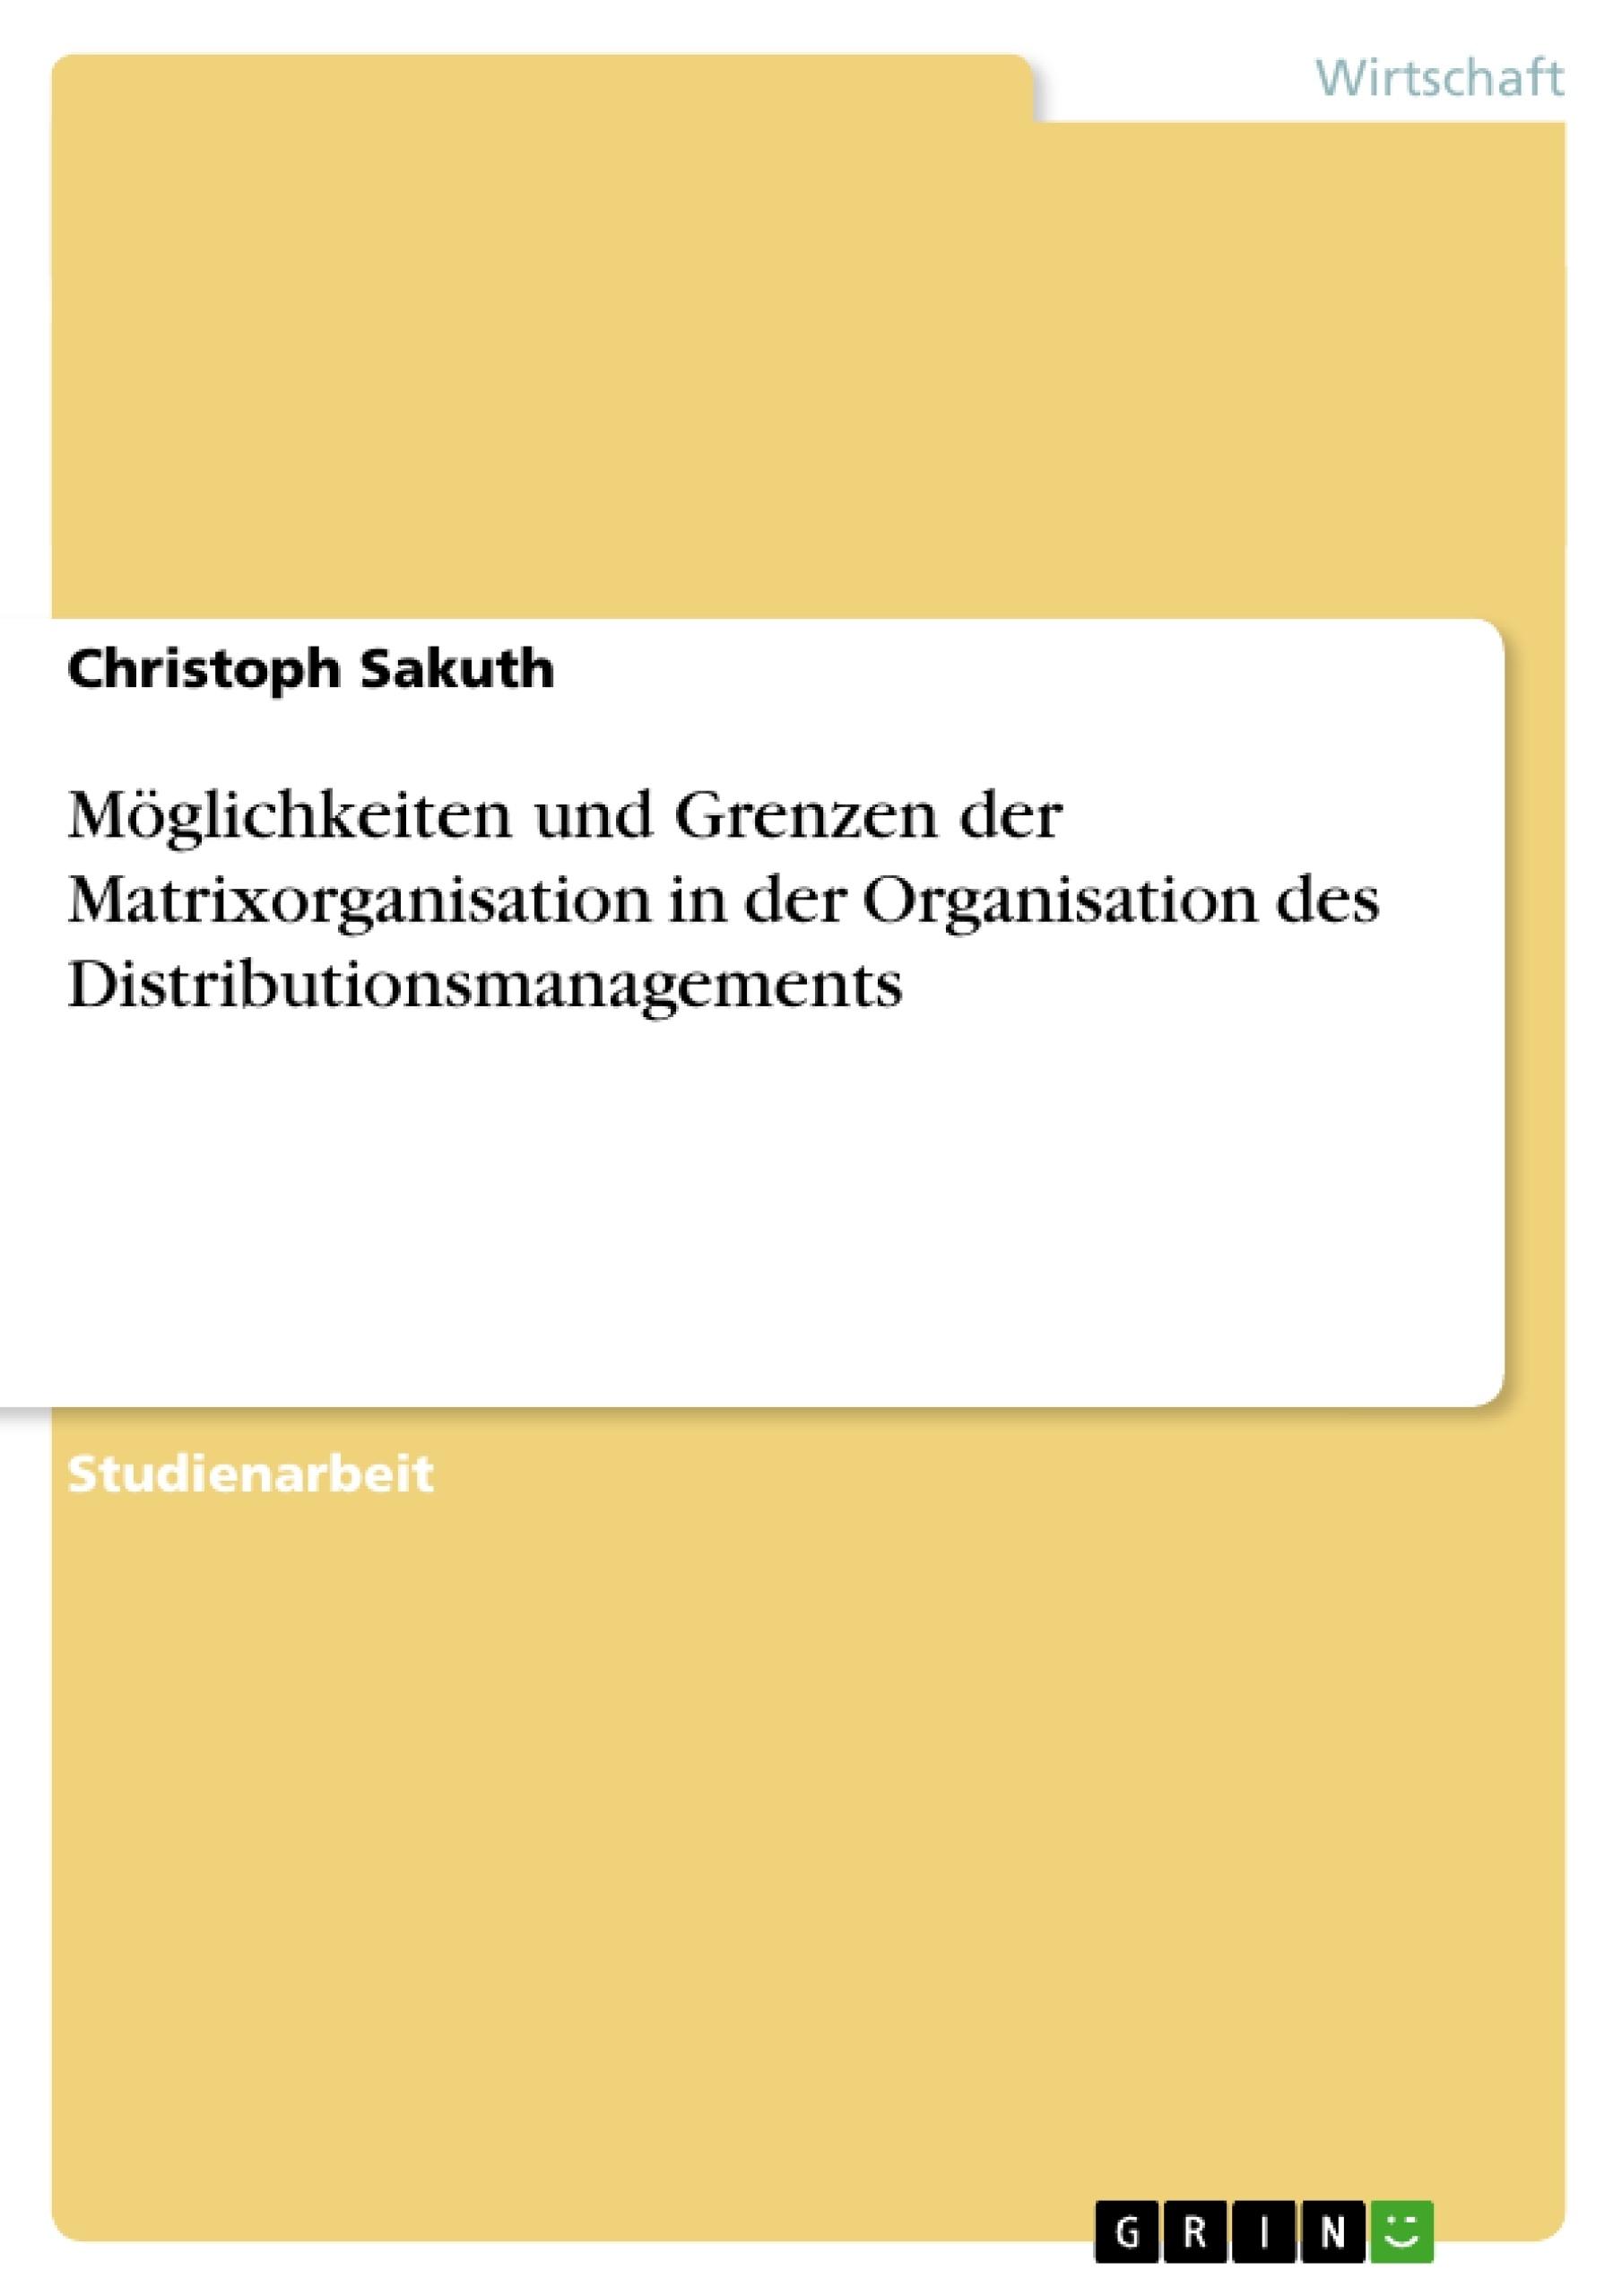 Titel: Möglichkeiten und Grenzen der Matrixorganisation in der Organisation des Distributionsmanagements